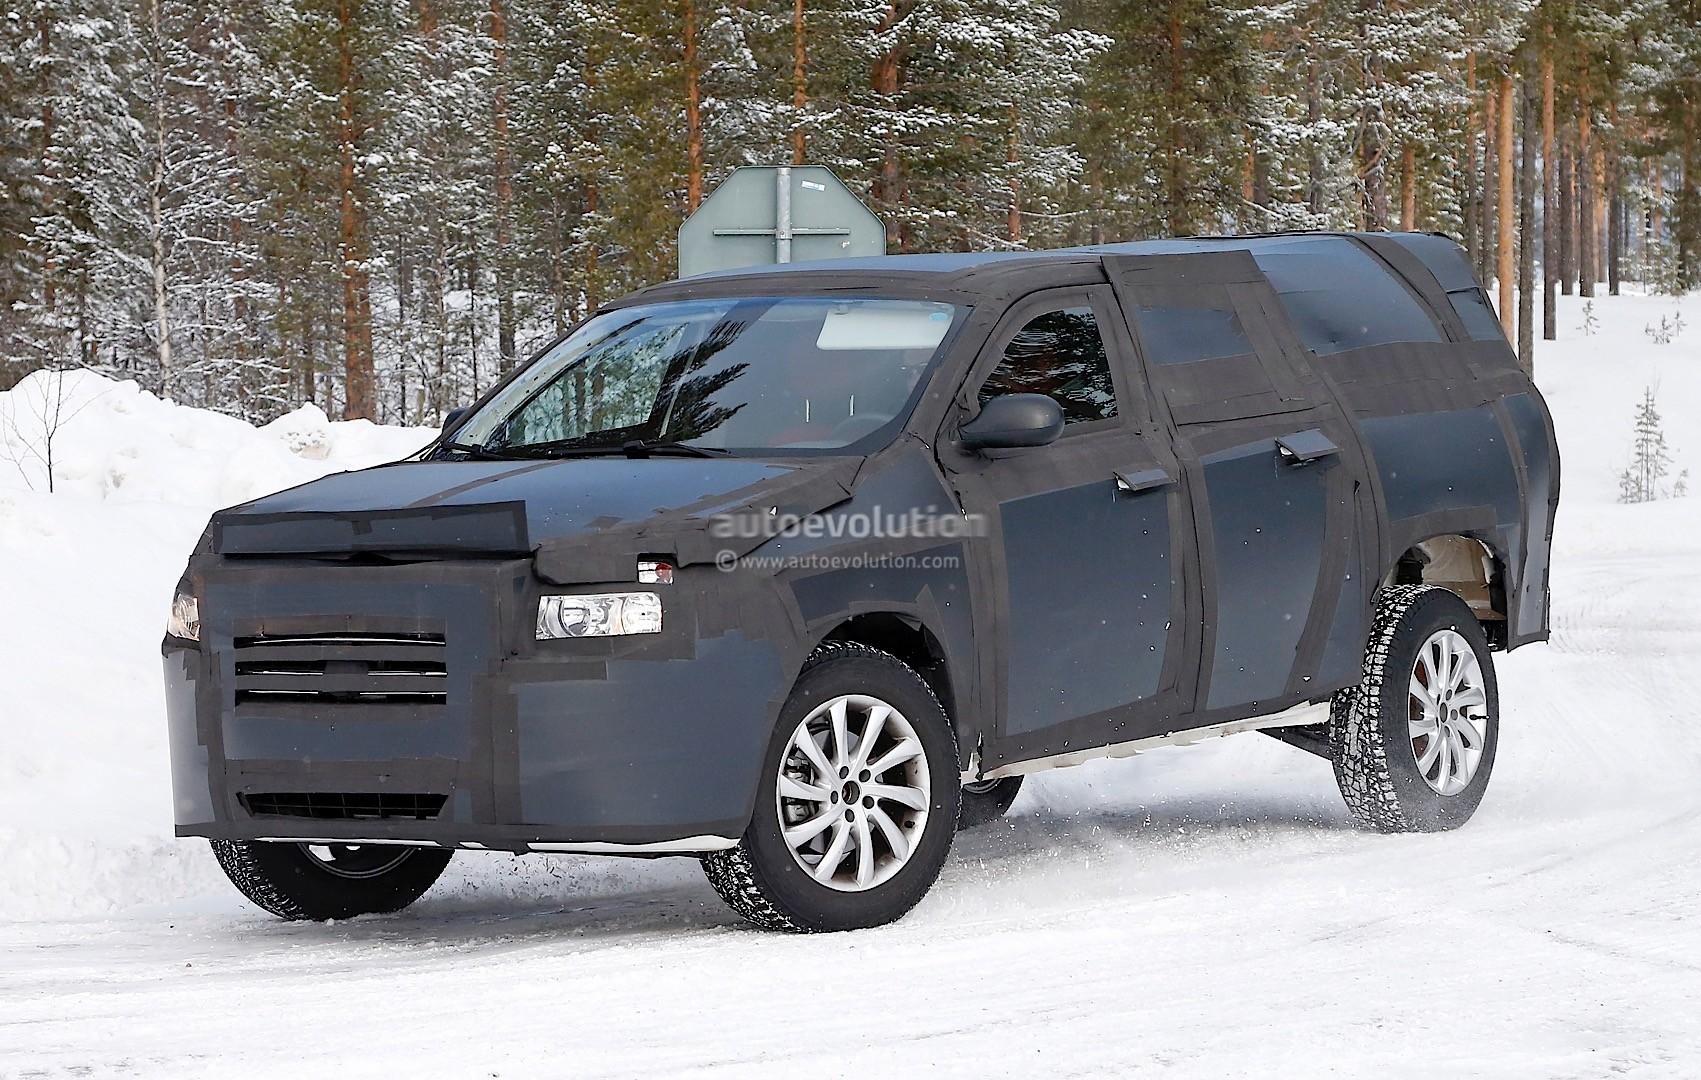 All-New Dodge Dakota / Mid-Size Ram Pickup Truck Spied Testing